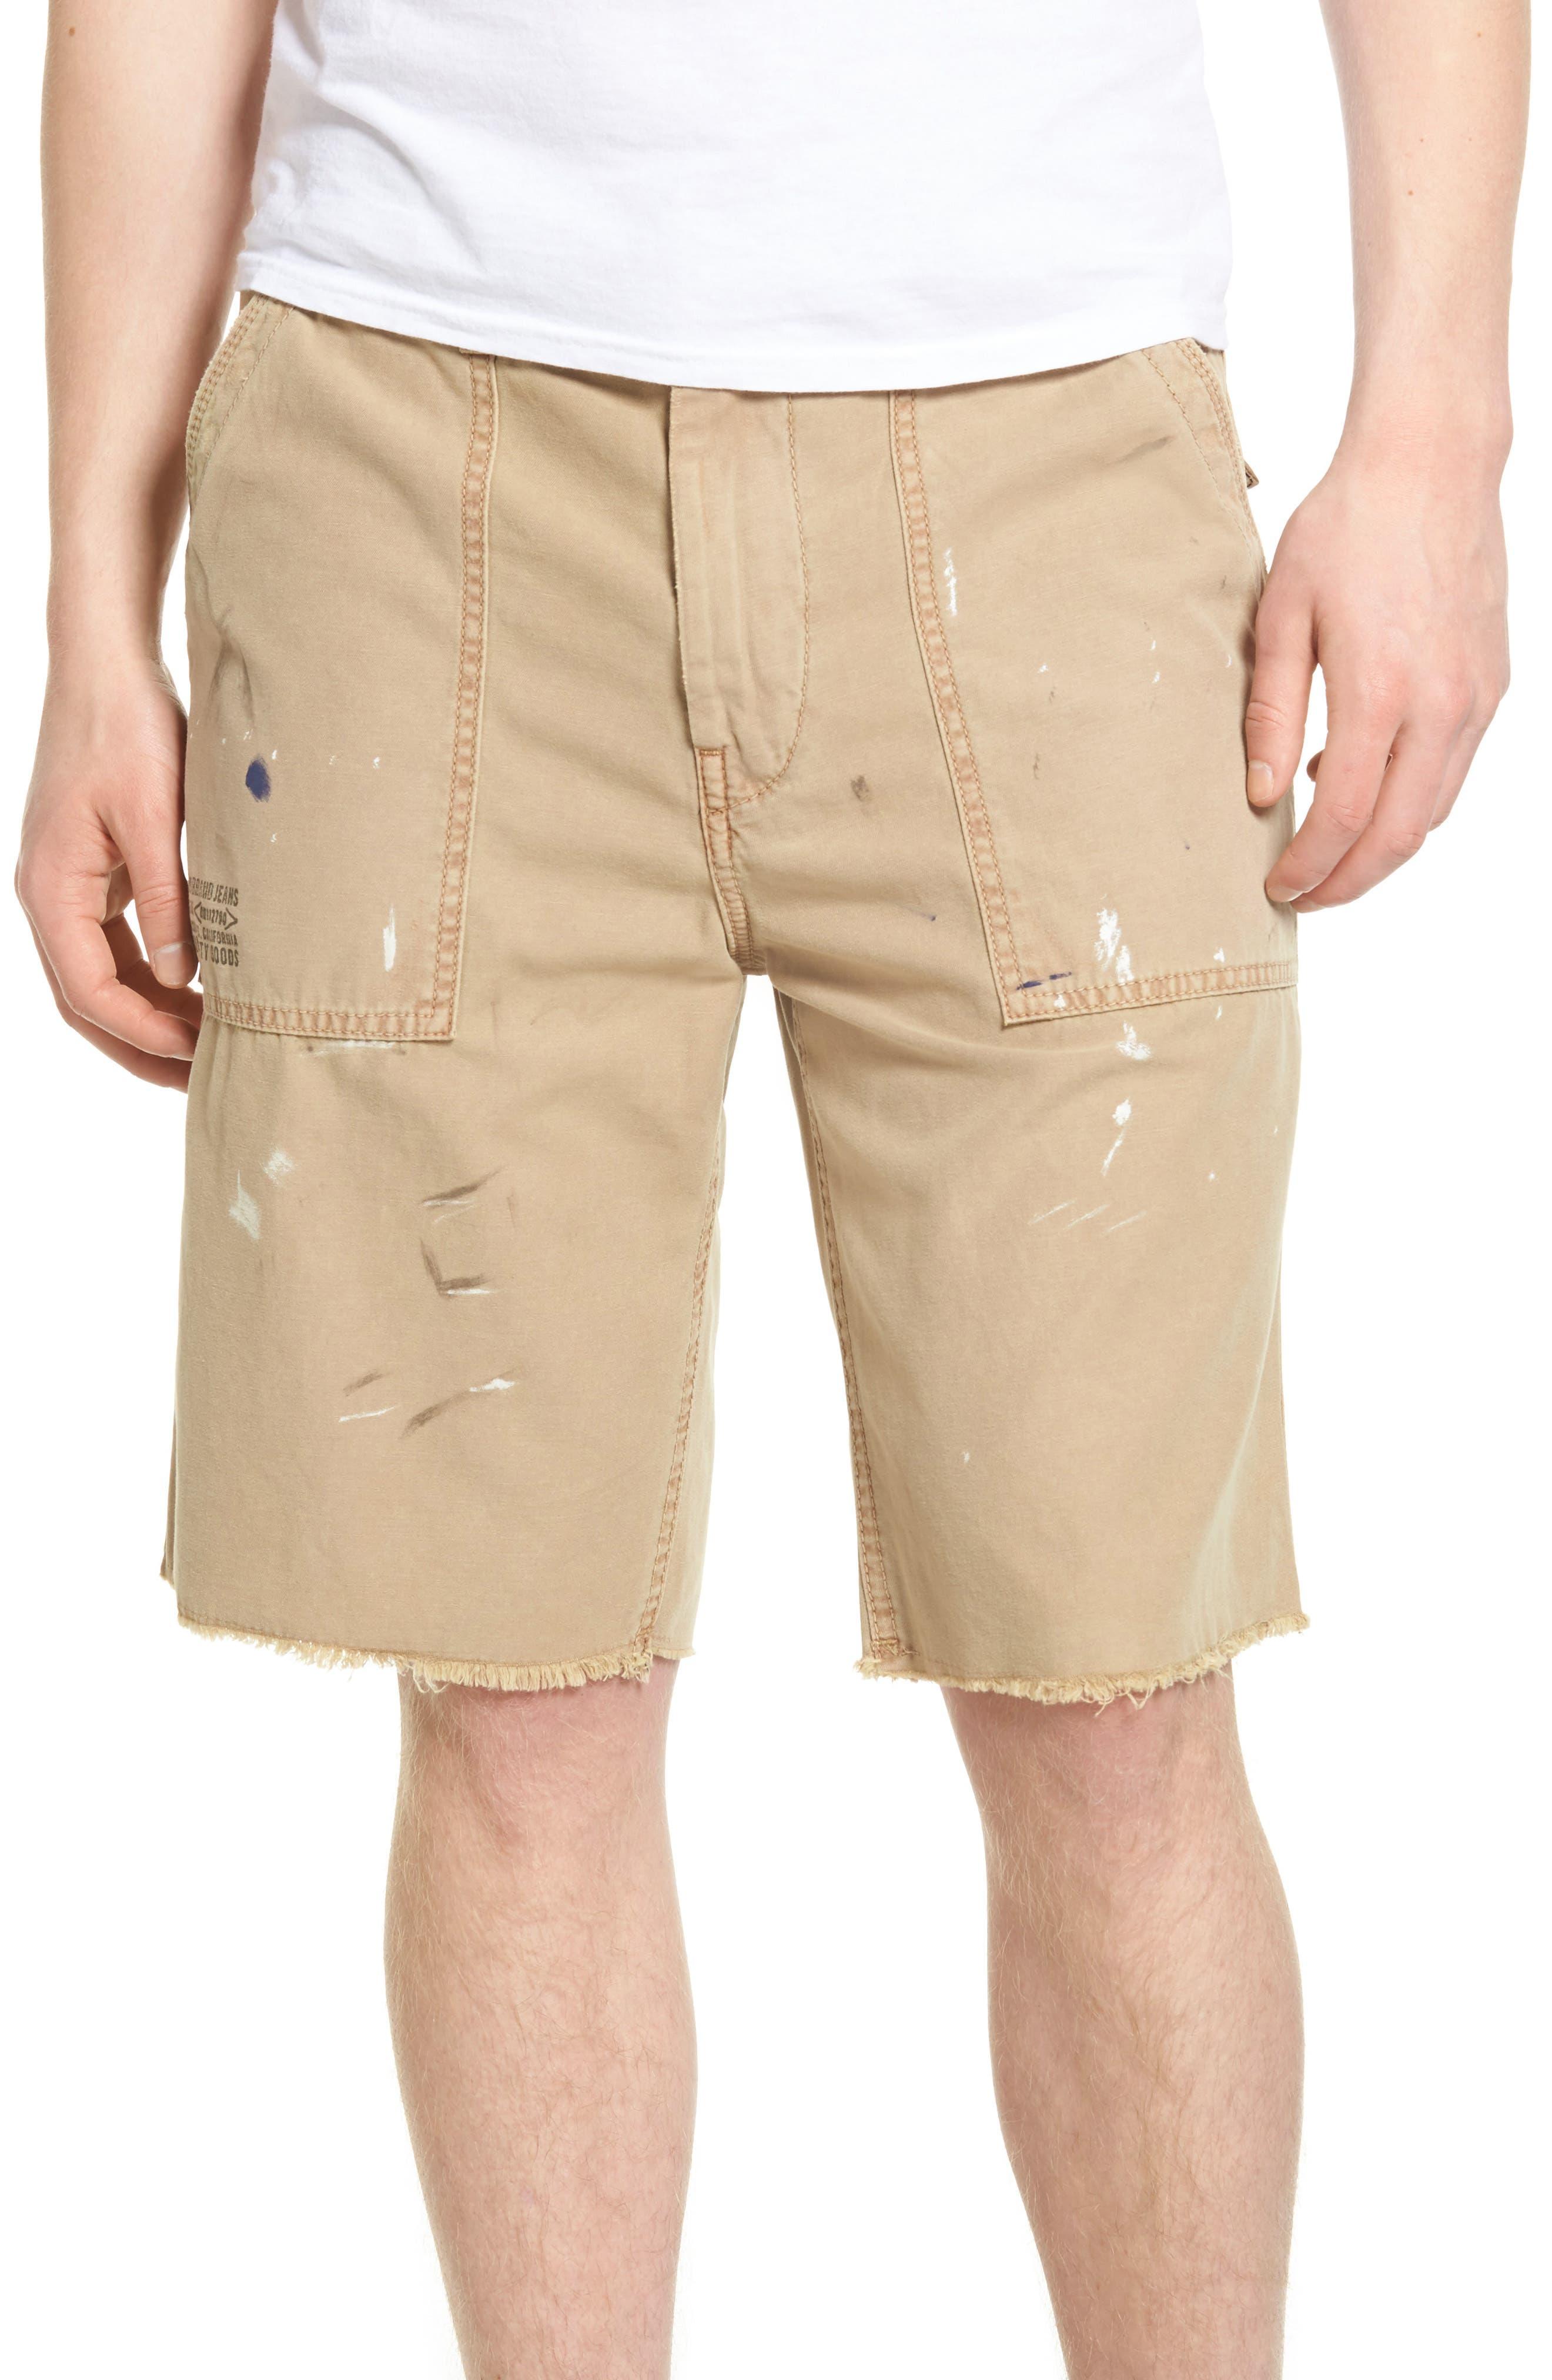 Utility Surplus Shorts,                         Main,                         color, Grey